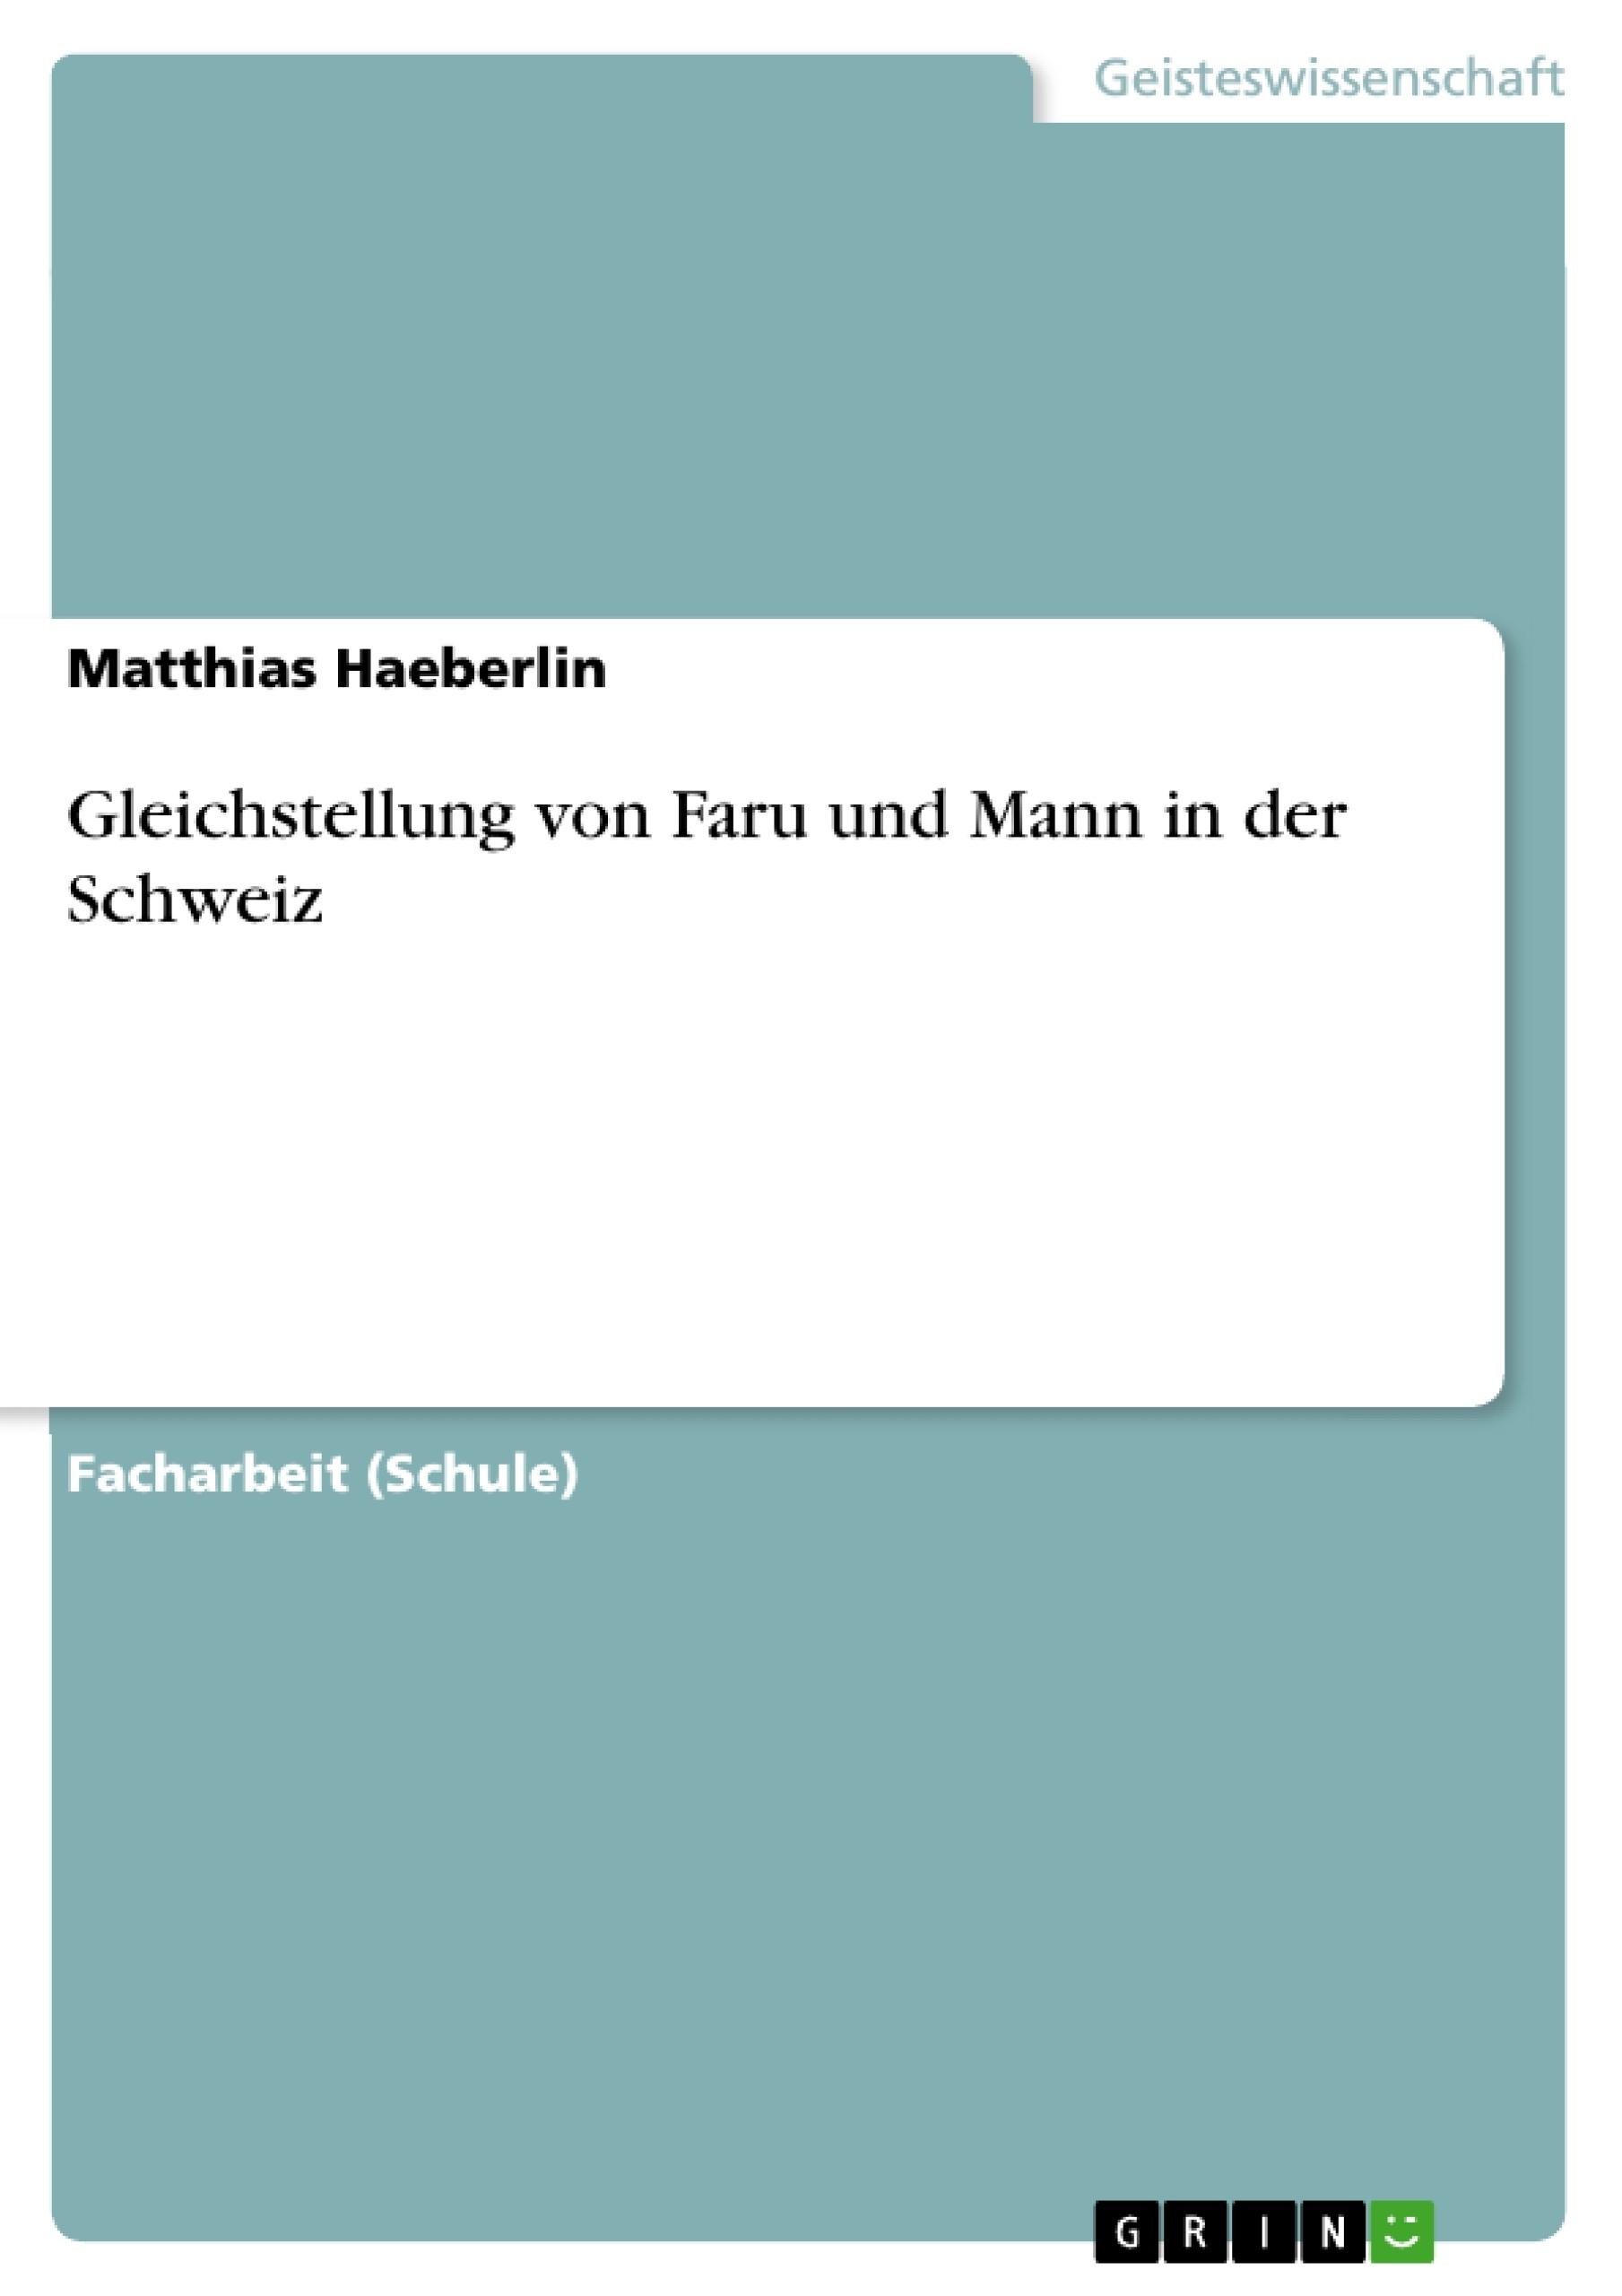 Titel: Gleichstellung von Faru und Mann in der Schweiz